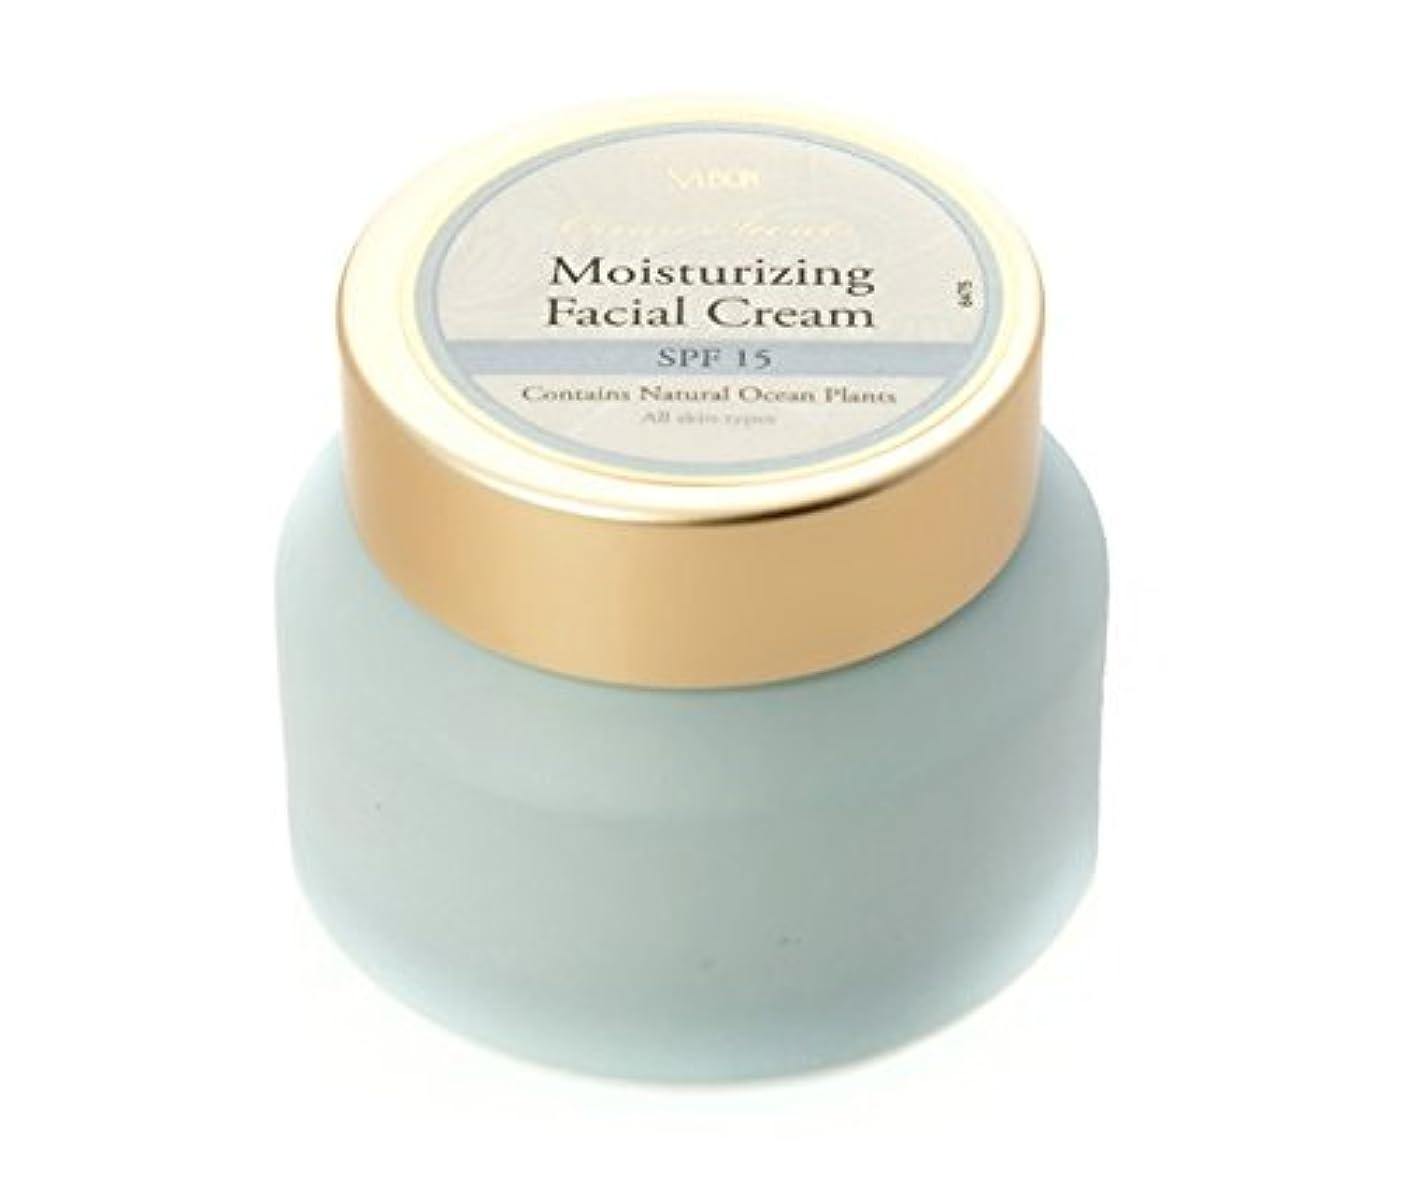 医療のモート窓を洗う【SABON(サボン)】モイスチャライジング フェイシャルクリームSPF15(Ocean Secrets AP Moisturizing Facial Cream SPF 15)イスラエル発 並行輸入品 海外直送